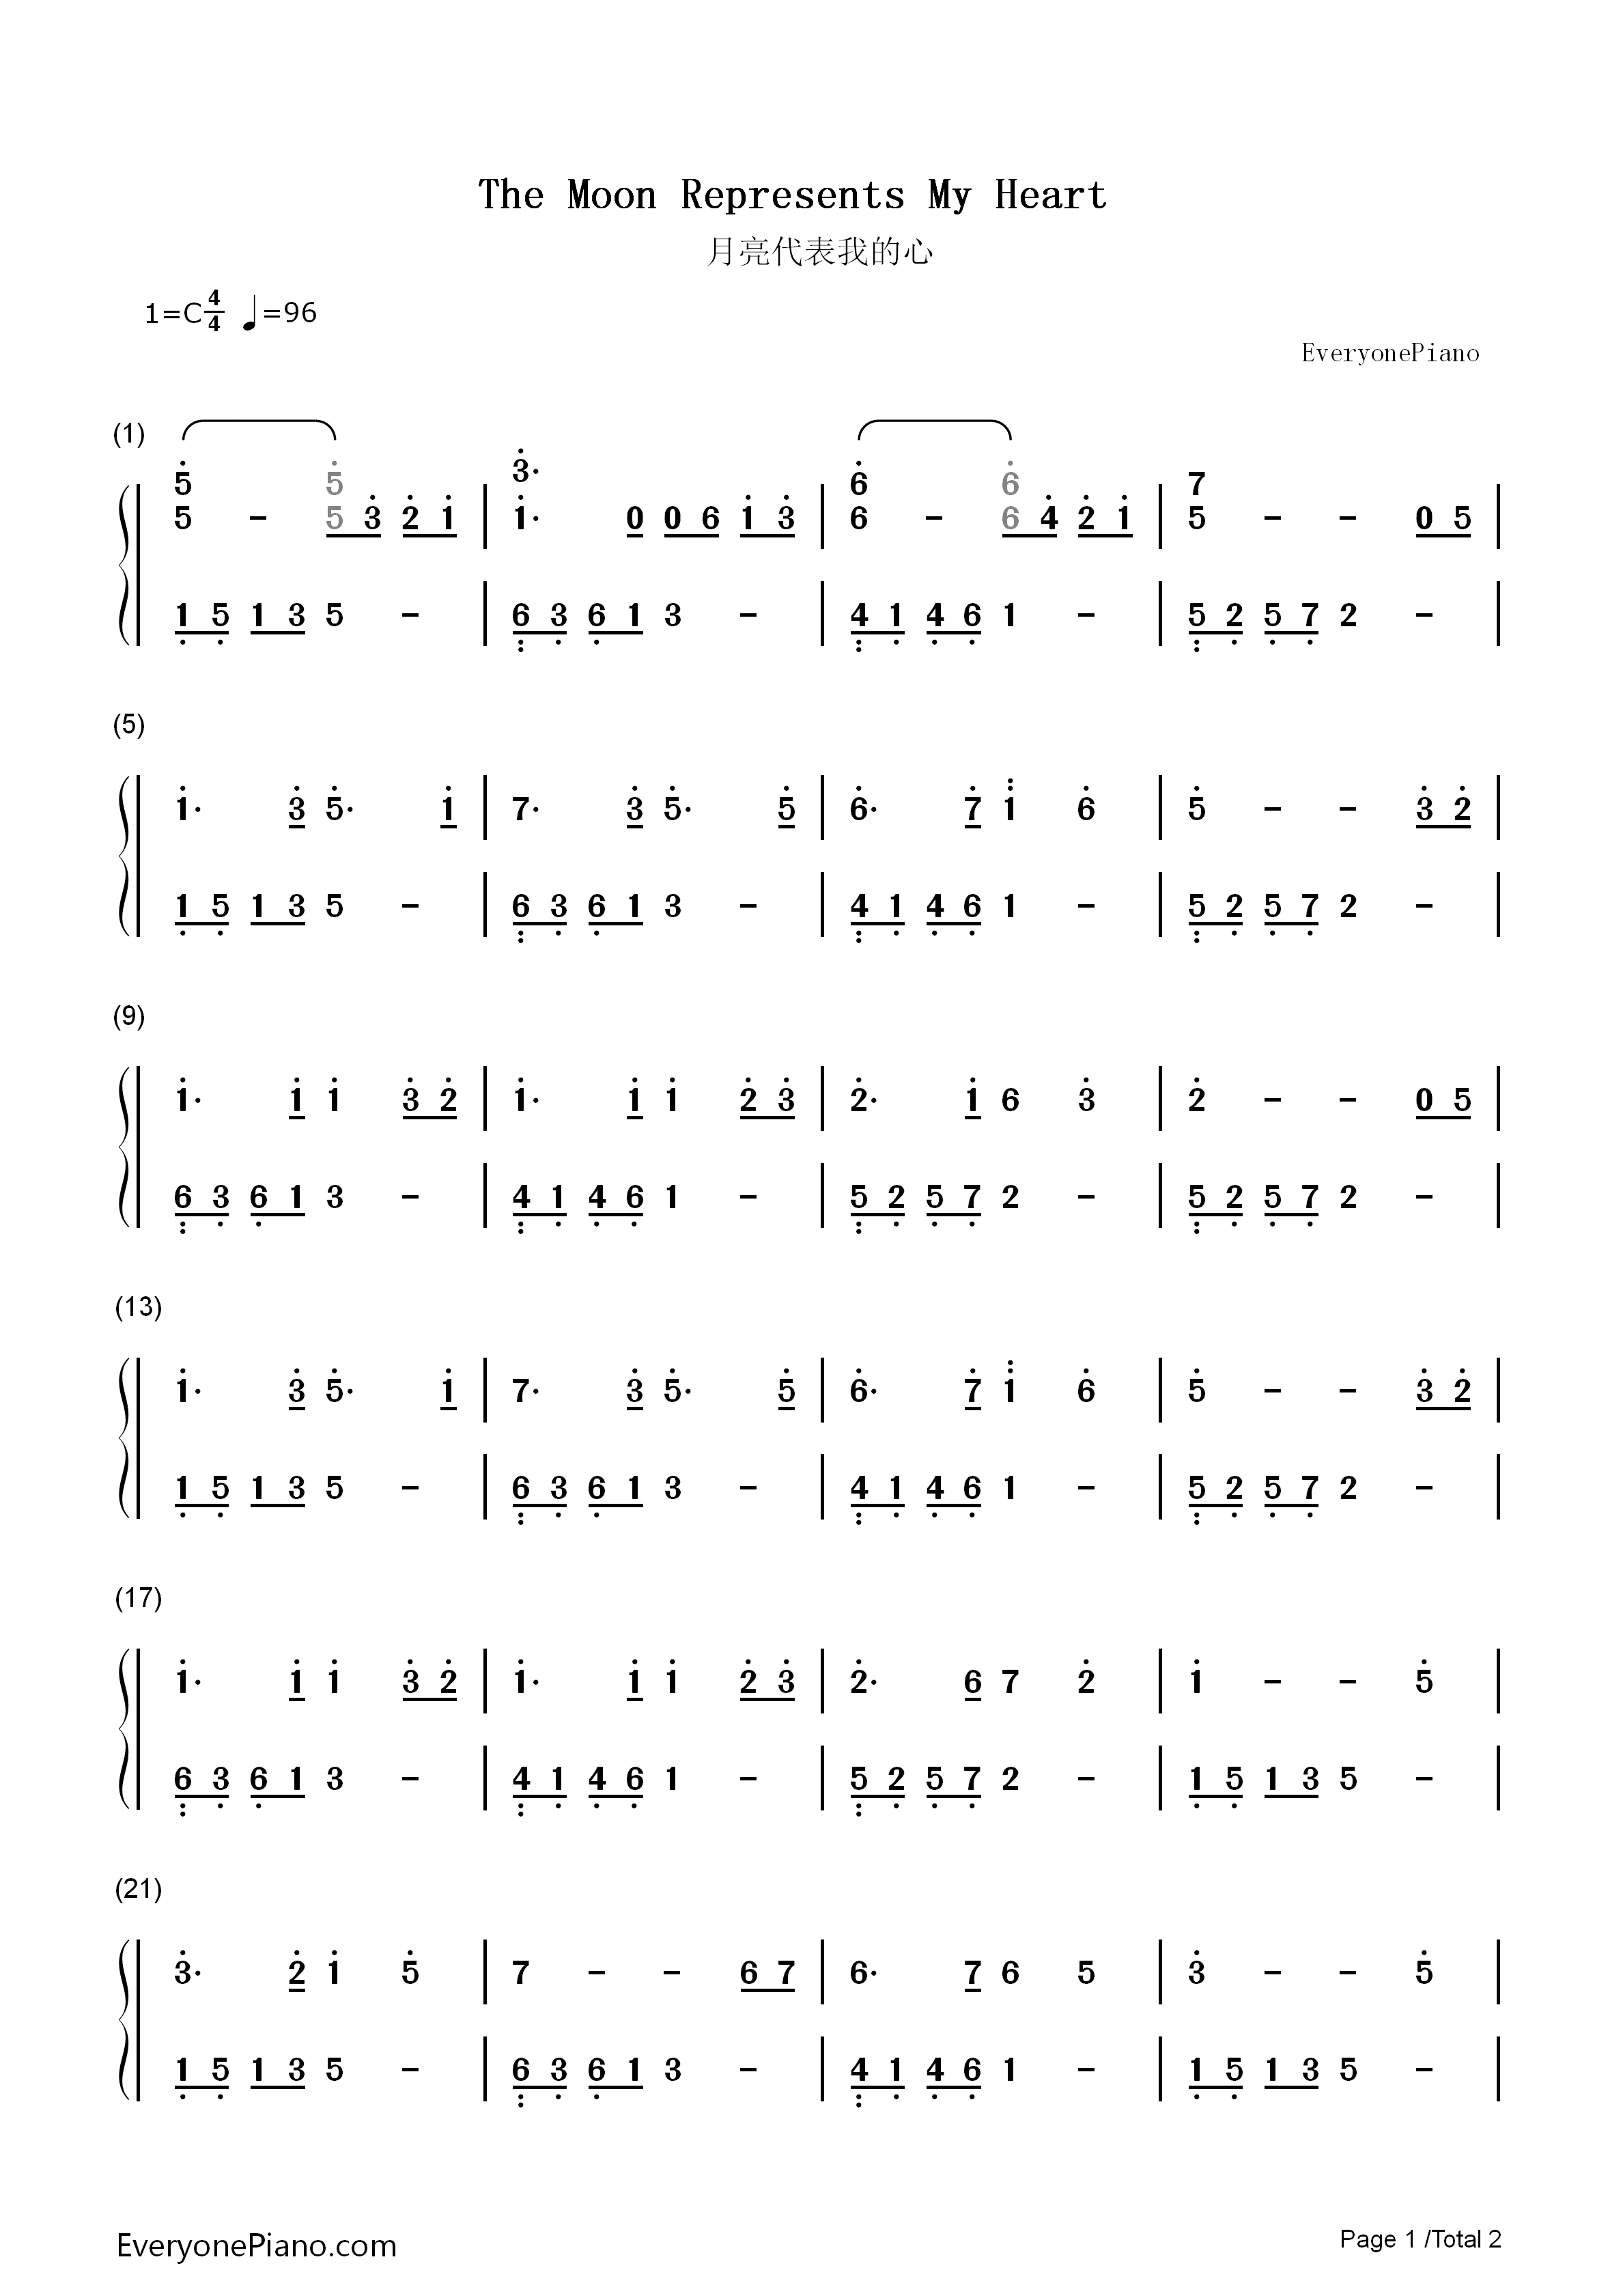 钢琴曲谱 经典 月亮代表我的心超简单版